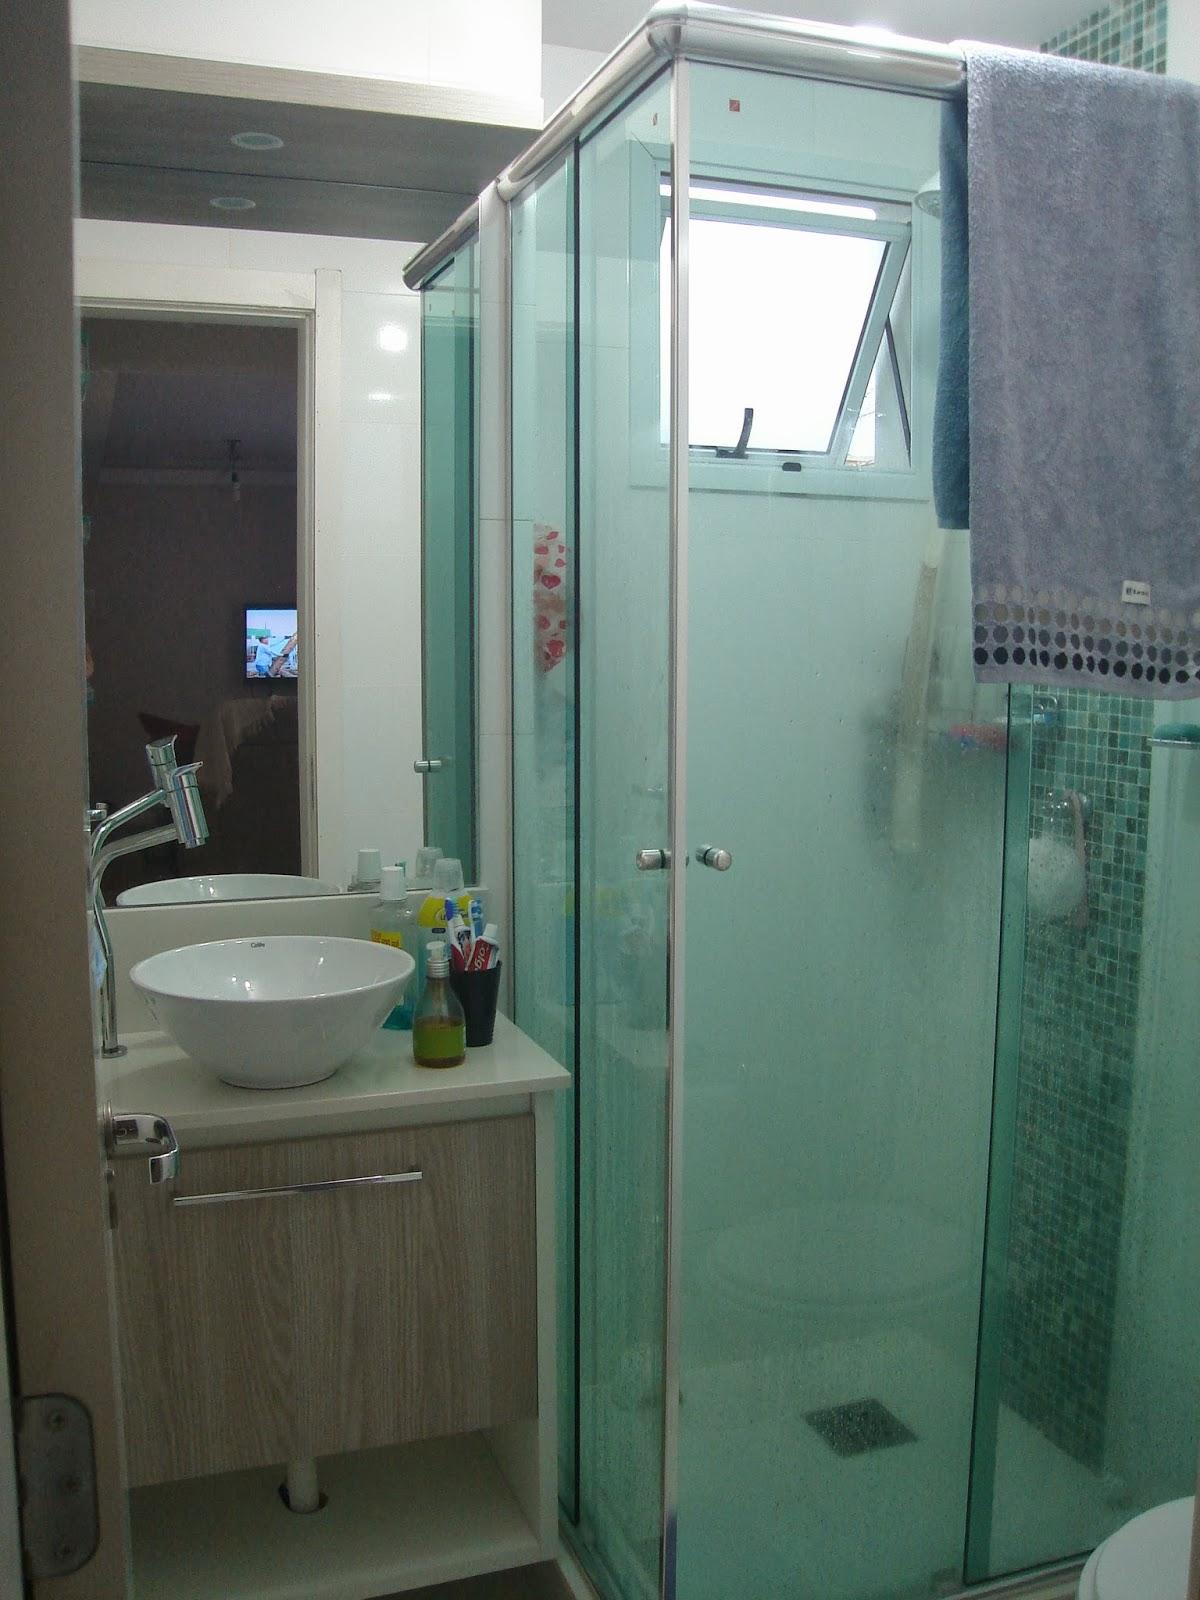 Casei, quero casa Móveis planejados para o banheiro -> Moveis Planejados Para Pia De Banheiro